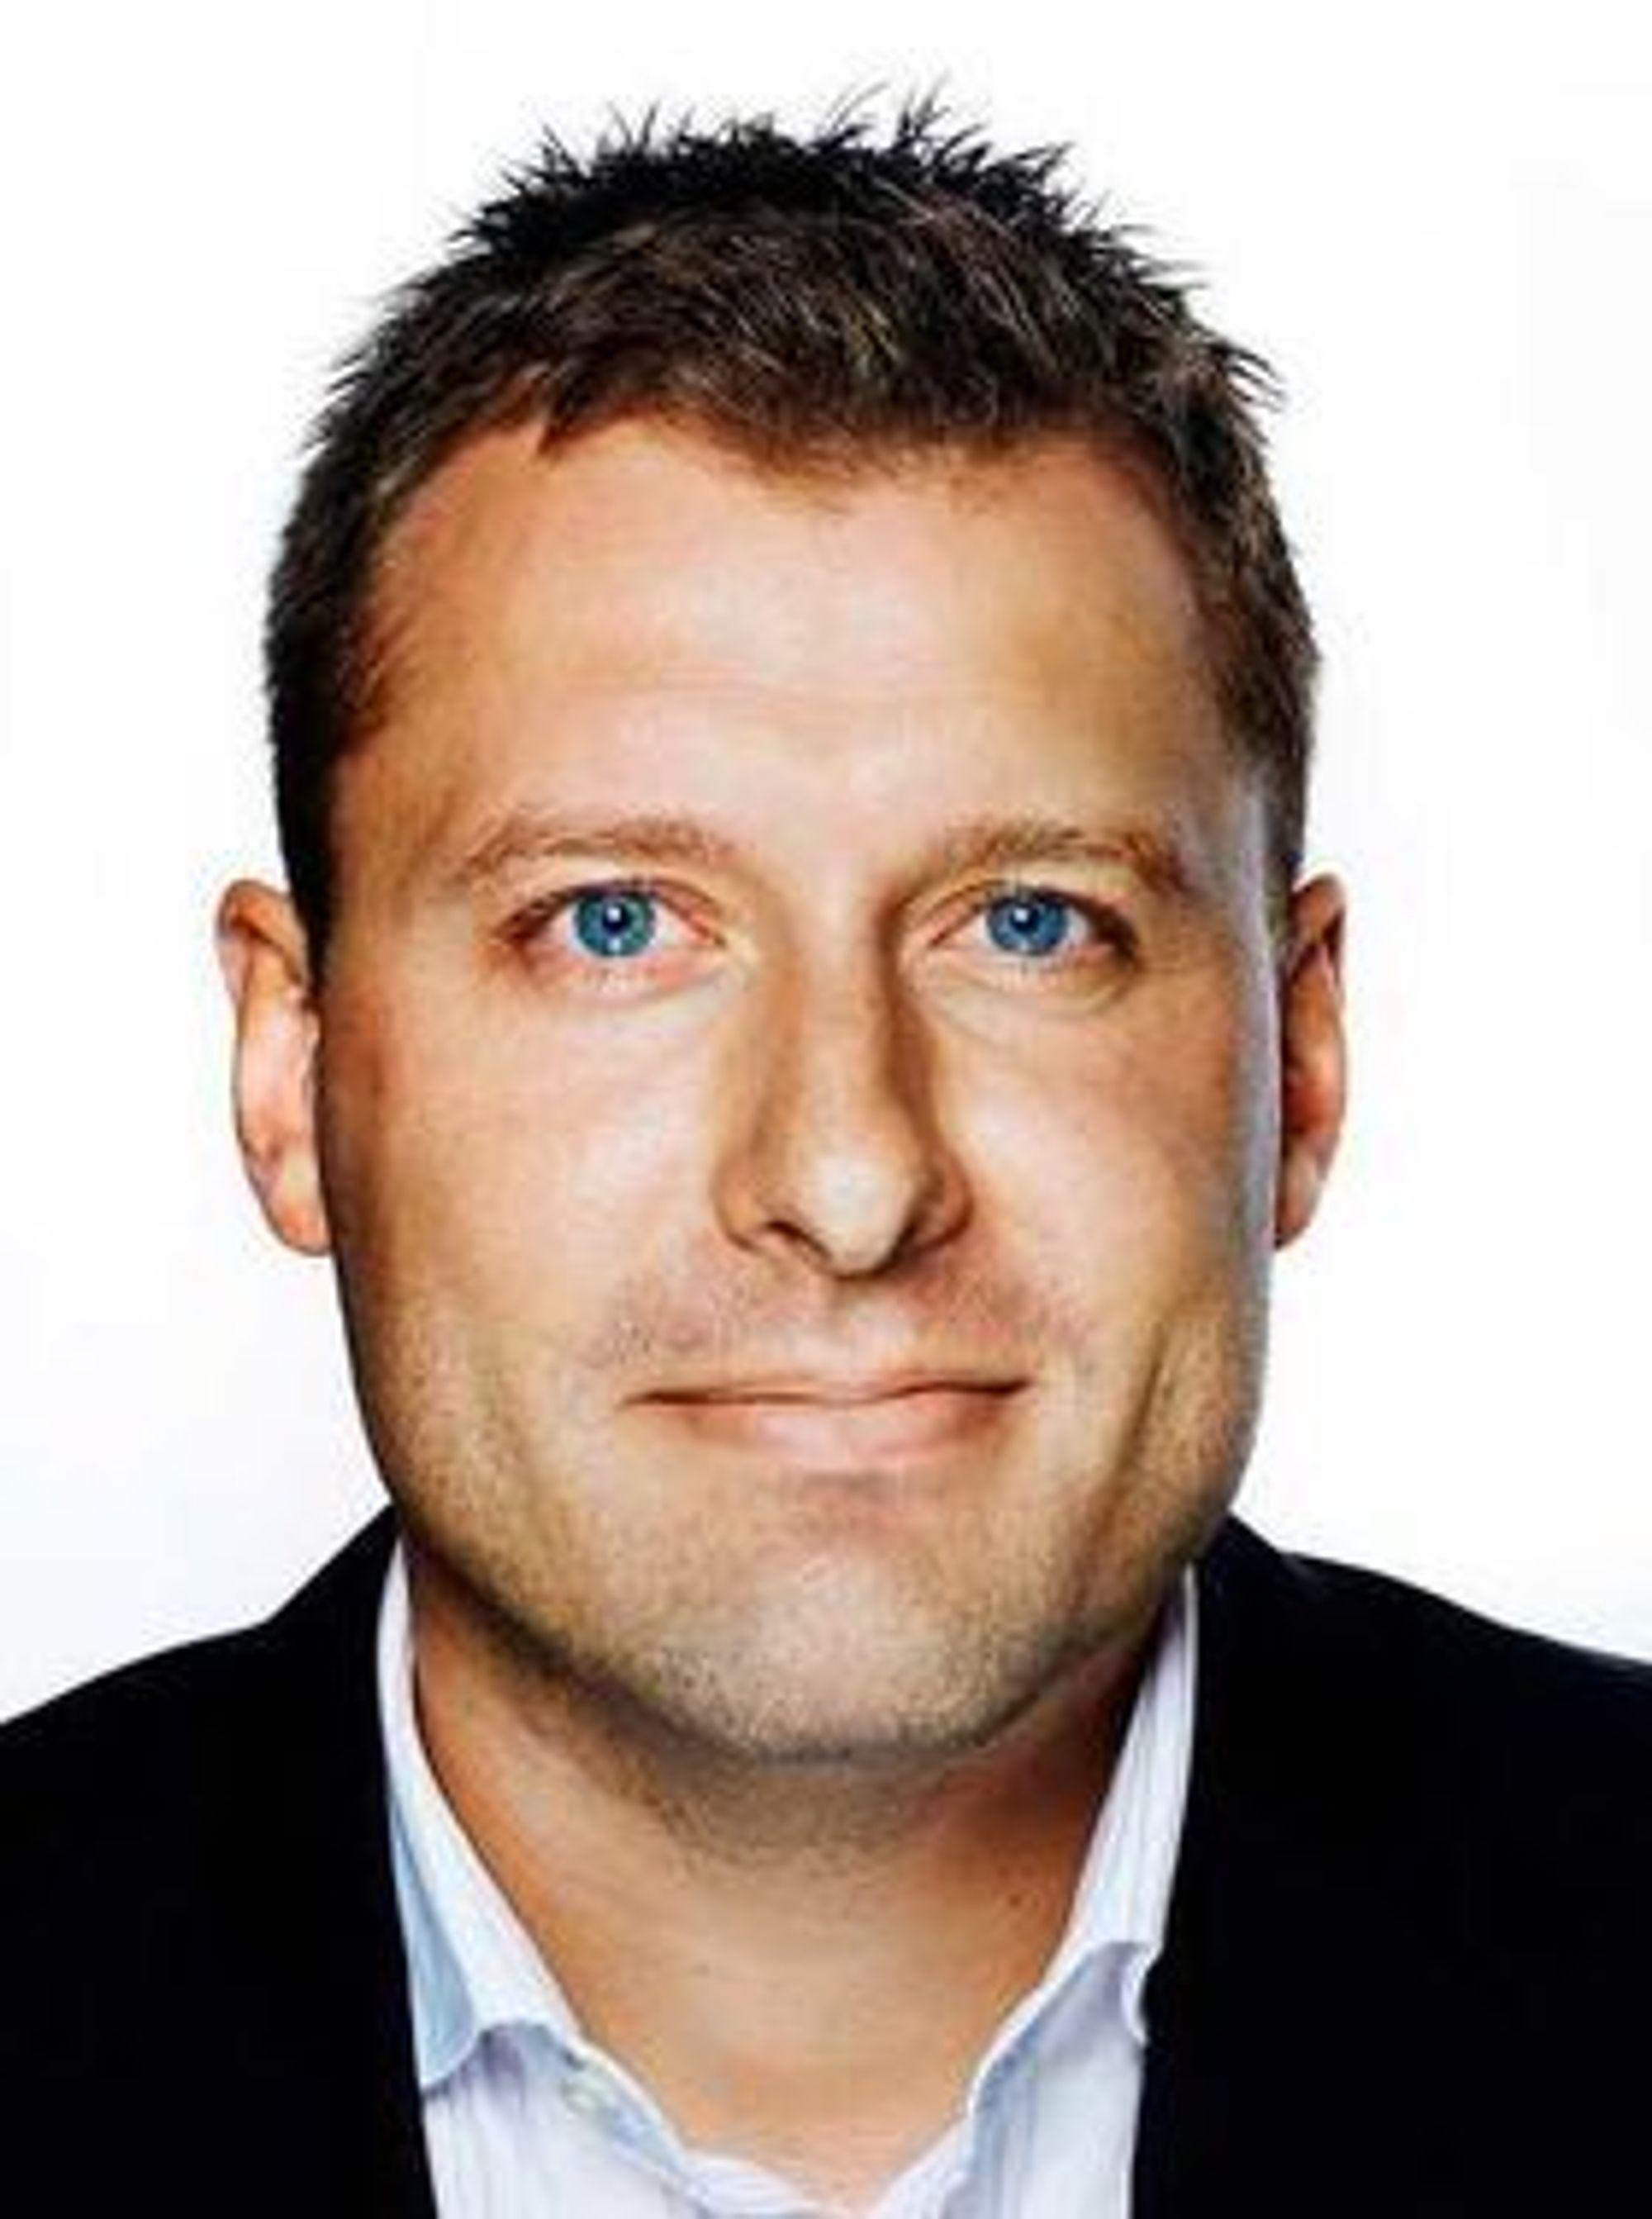 Severin Roald går fra stillingen som informasjonssjef i Aker Solutions til å bli kommunikasjonsdirektør i Netcom/TeliaSonera Norge.